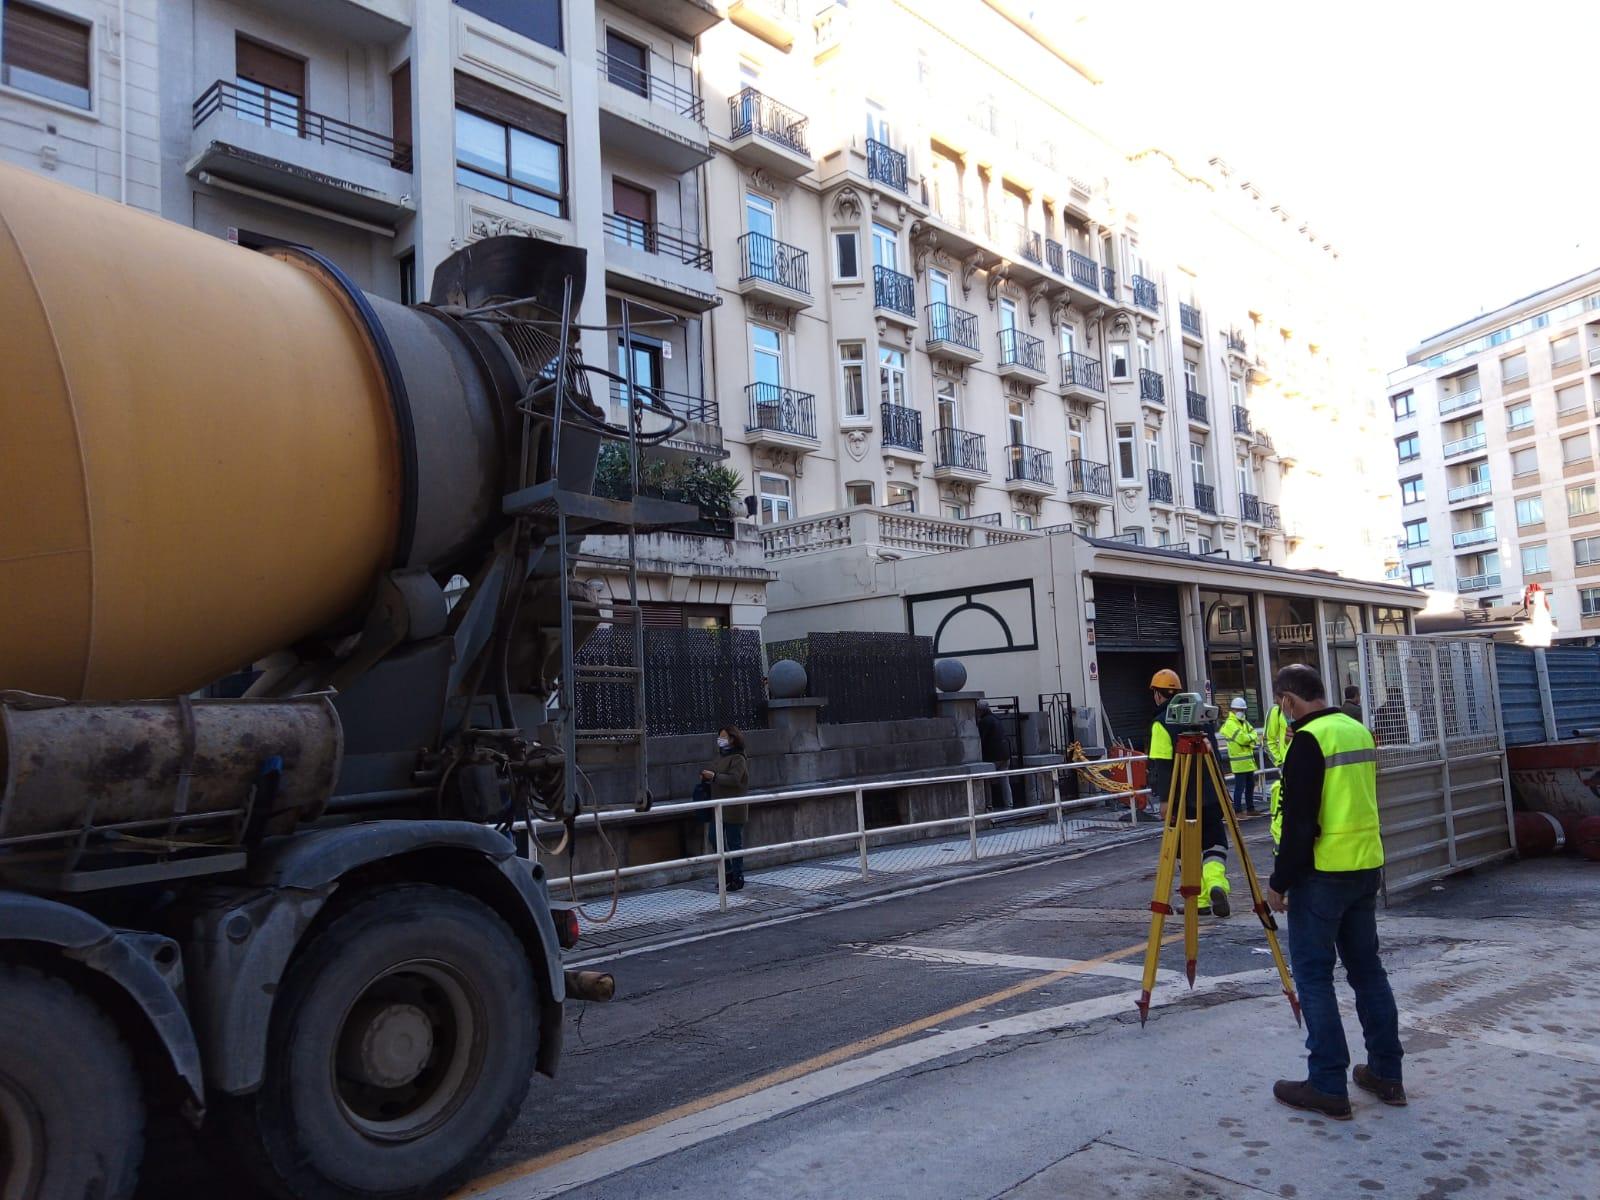 Un camión hormigonera el 17 de noviembre tras abrirse el socavón en Zubieta 8. Foto: A.E.